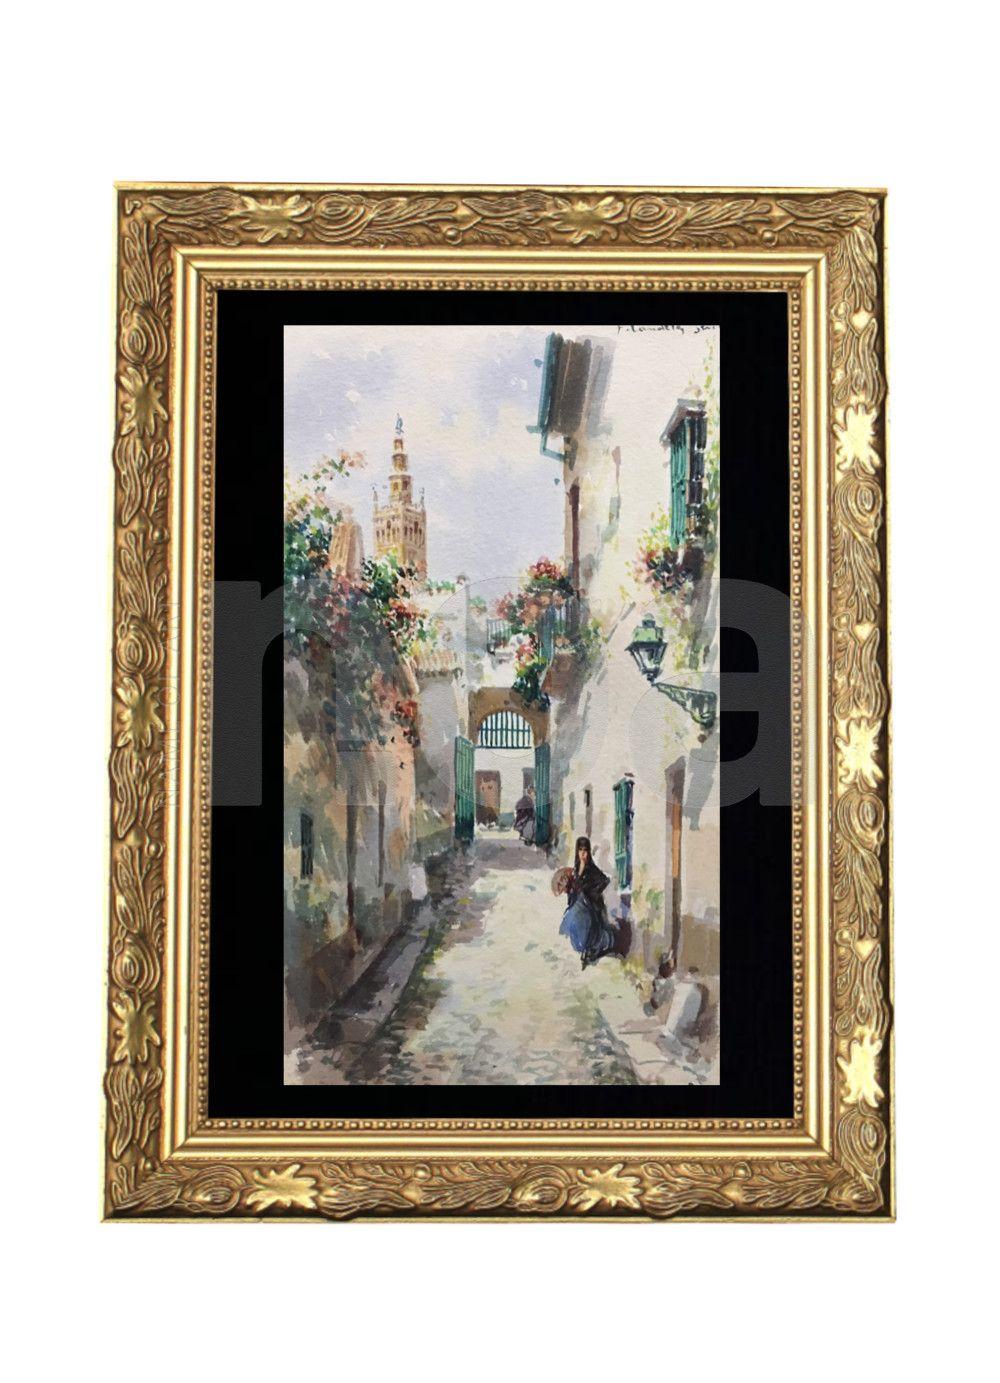 Francisco Candela Act 1890 1910 Belle Aquarelle D Une Ruelle